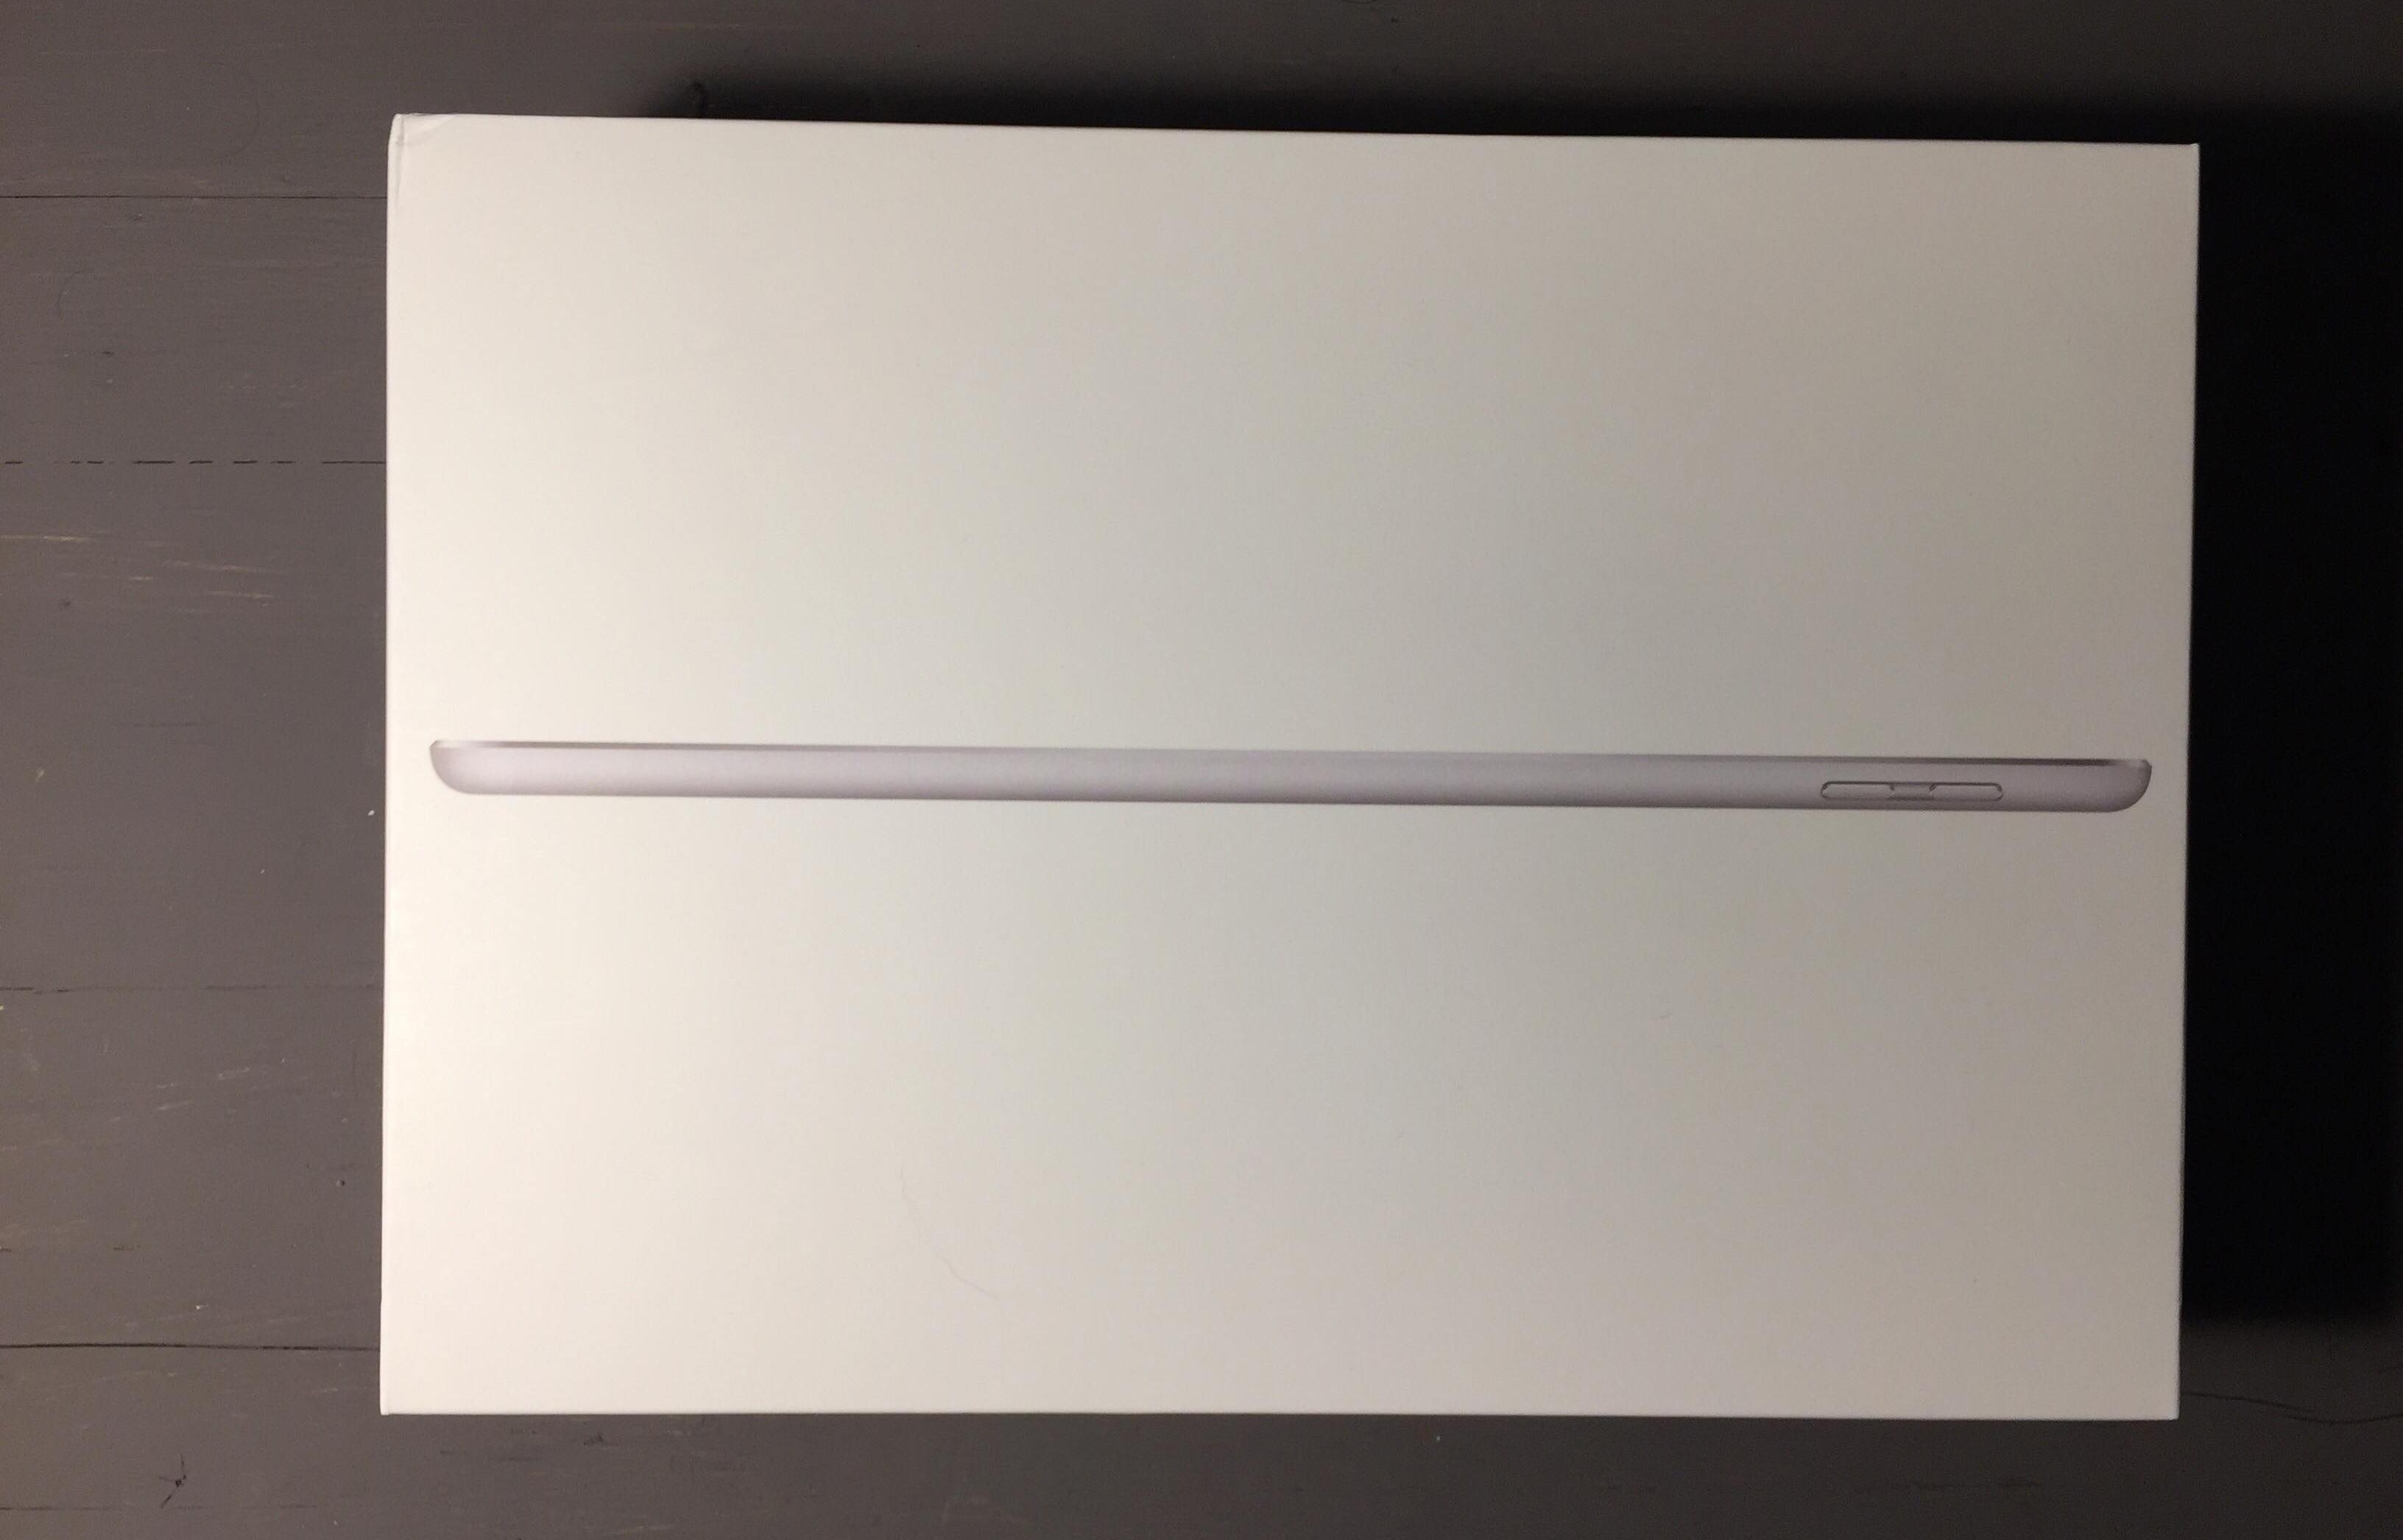 confezione iPad 2017 32GB Cellular